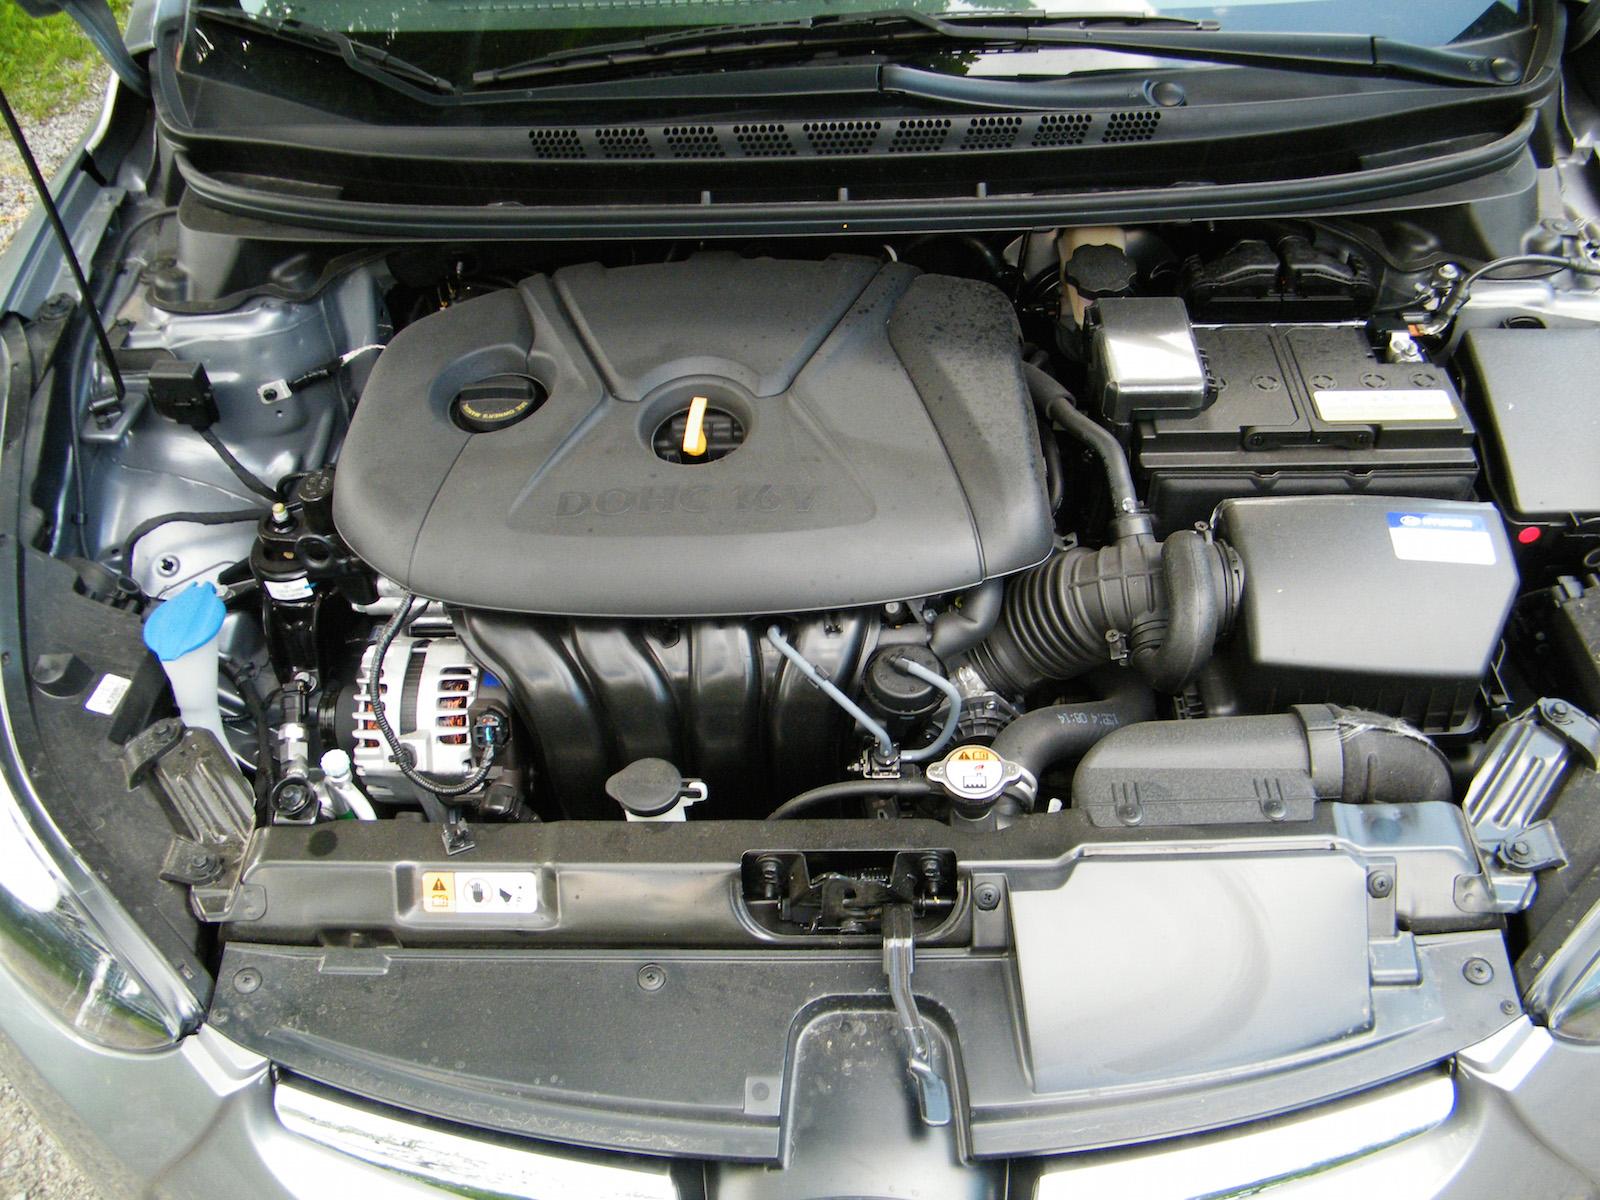 Hyundai Santa Fe 2015 >> Review: 2016 Hyundai Elantra | Canadian Auto Review